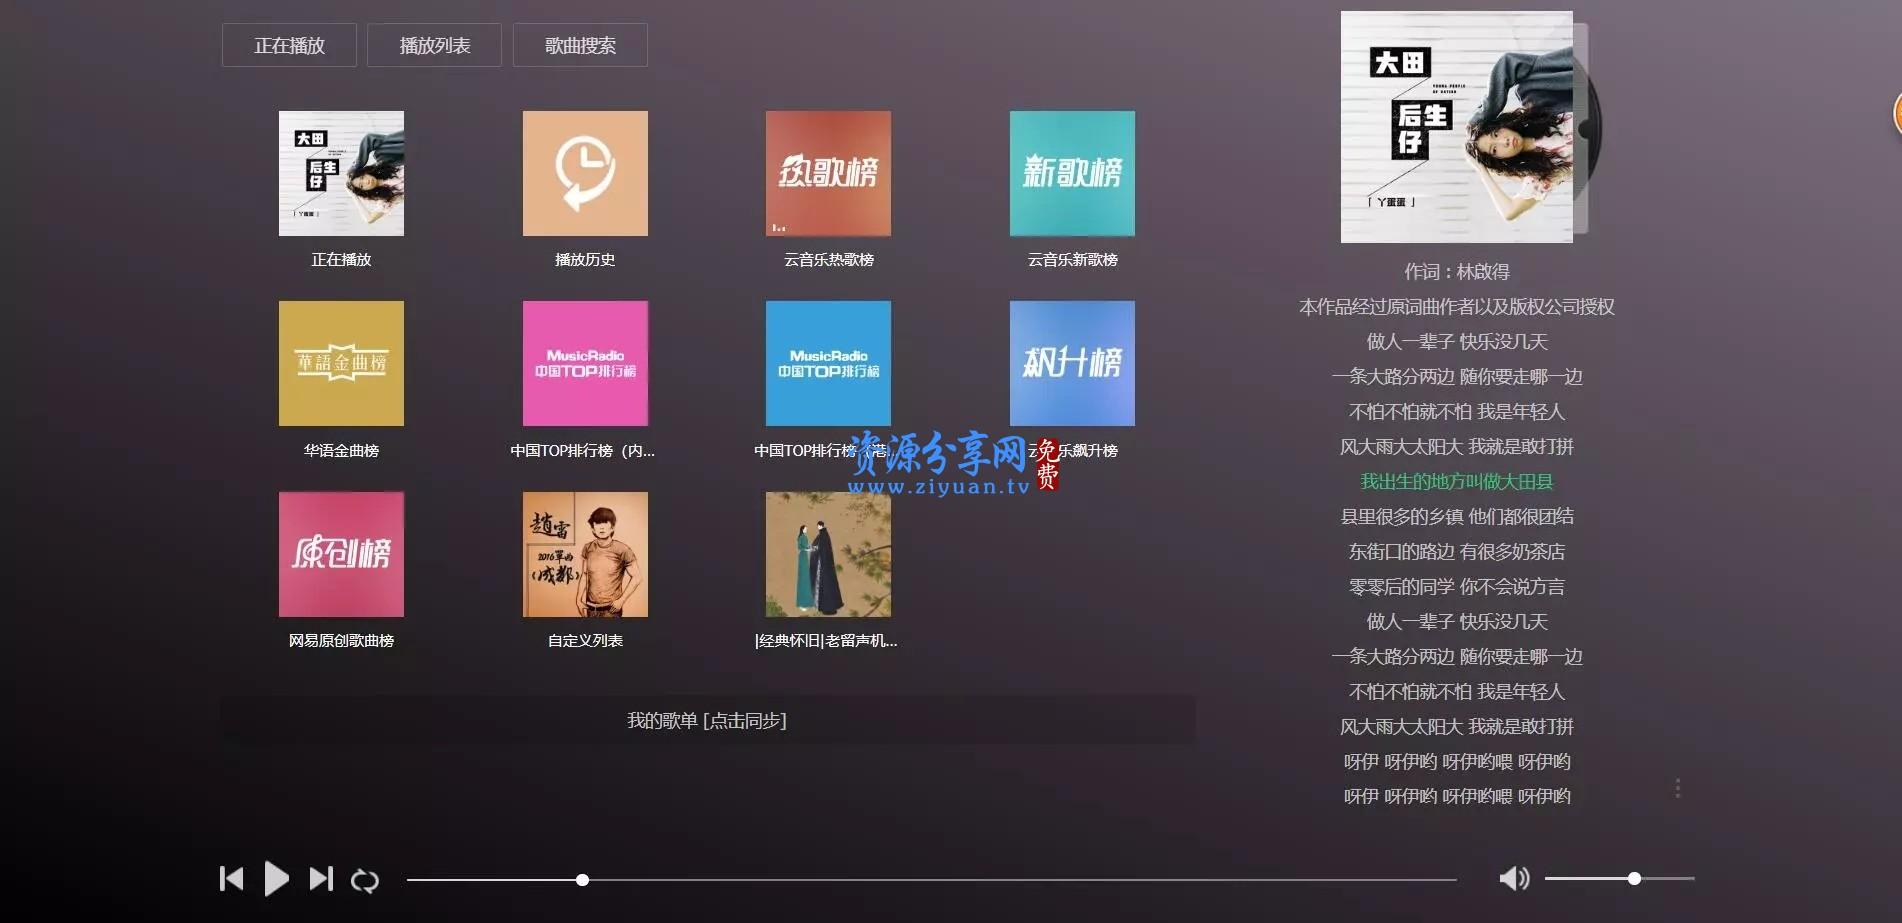 网页在线音乐播放网站